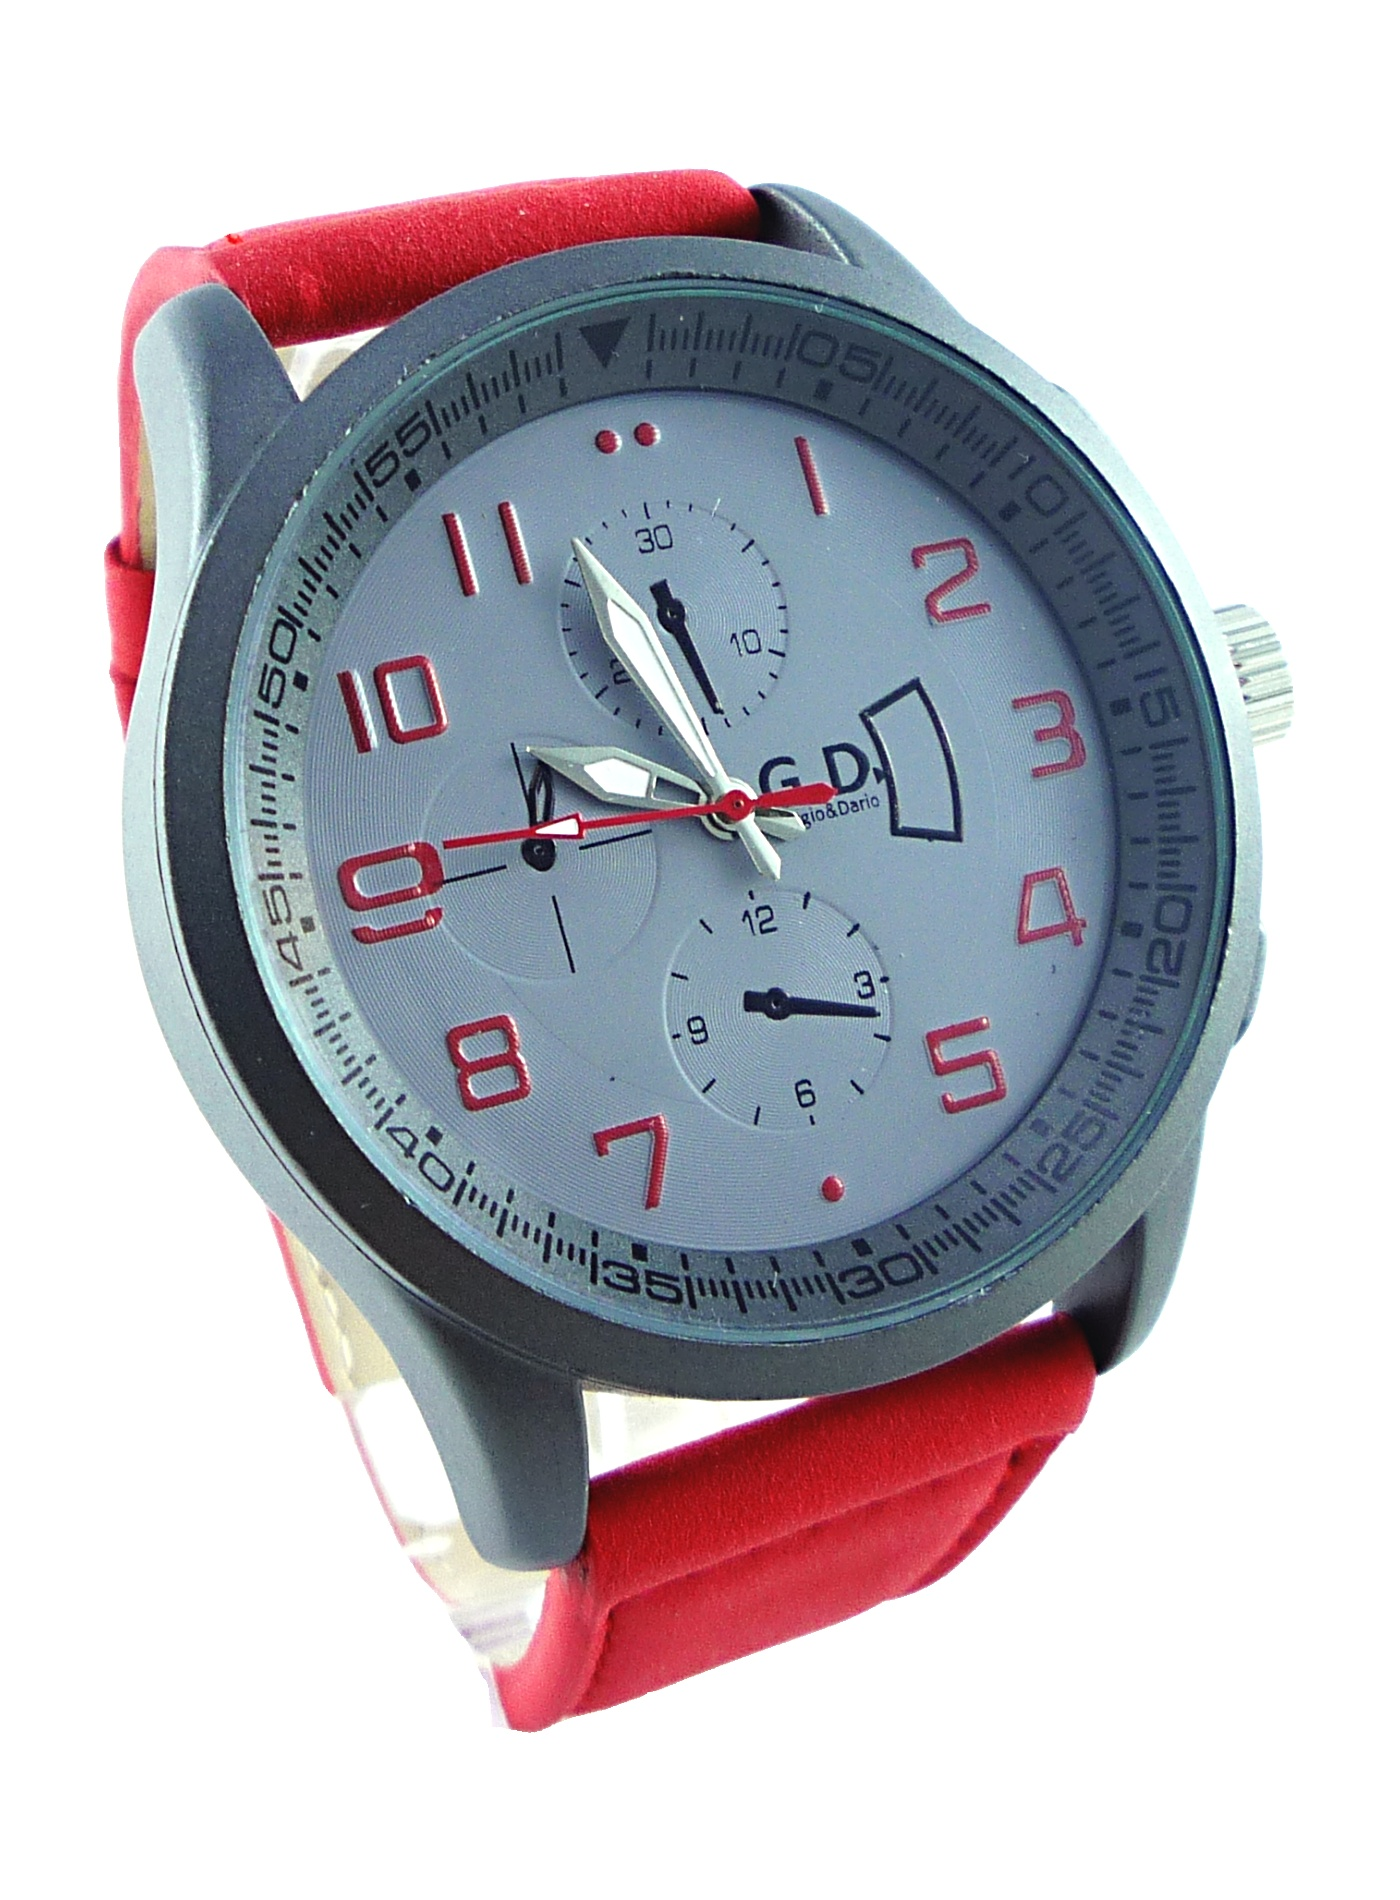 Pánské sportovní hodinky GD sport RED 016P